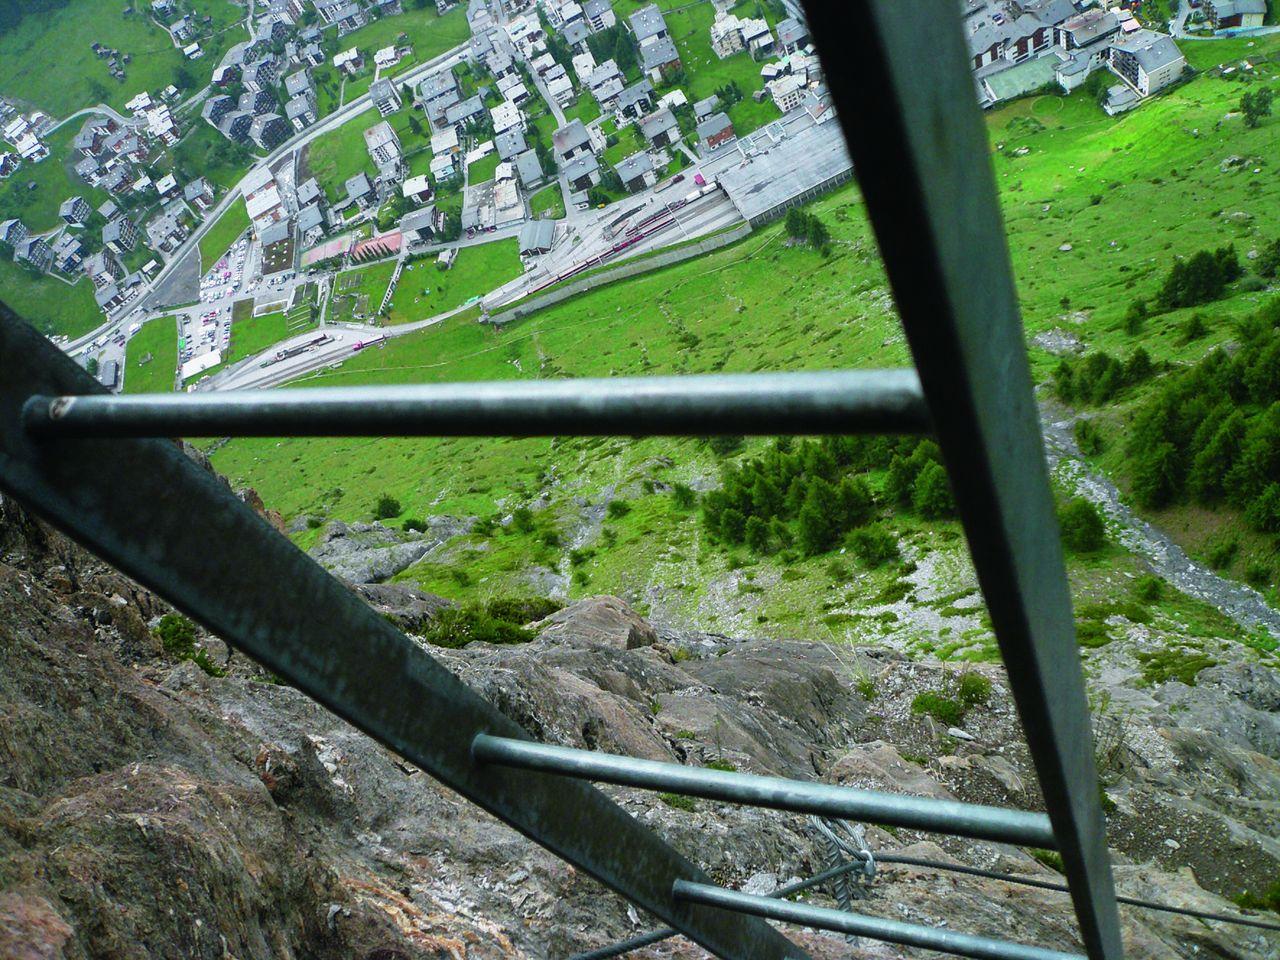 Klettersteig Zermatt : Fotos klettersteig daubenhorn  sac sektion zermatt